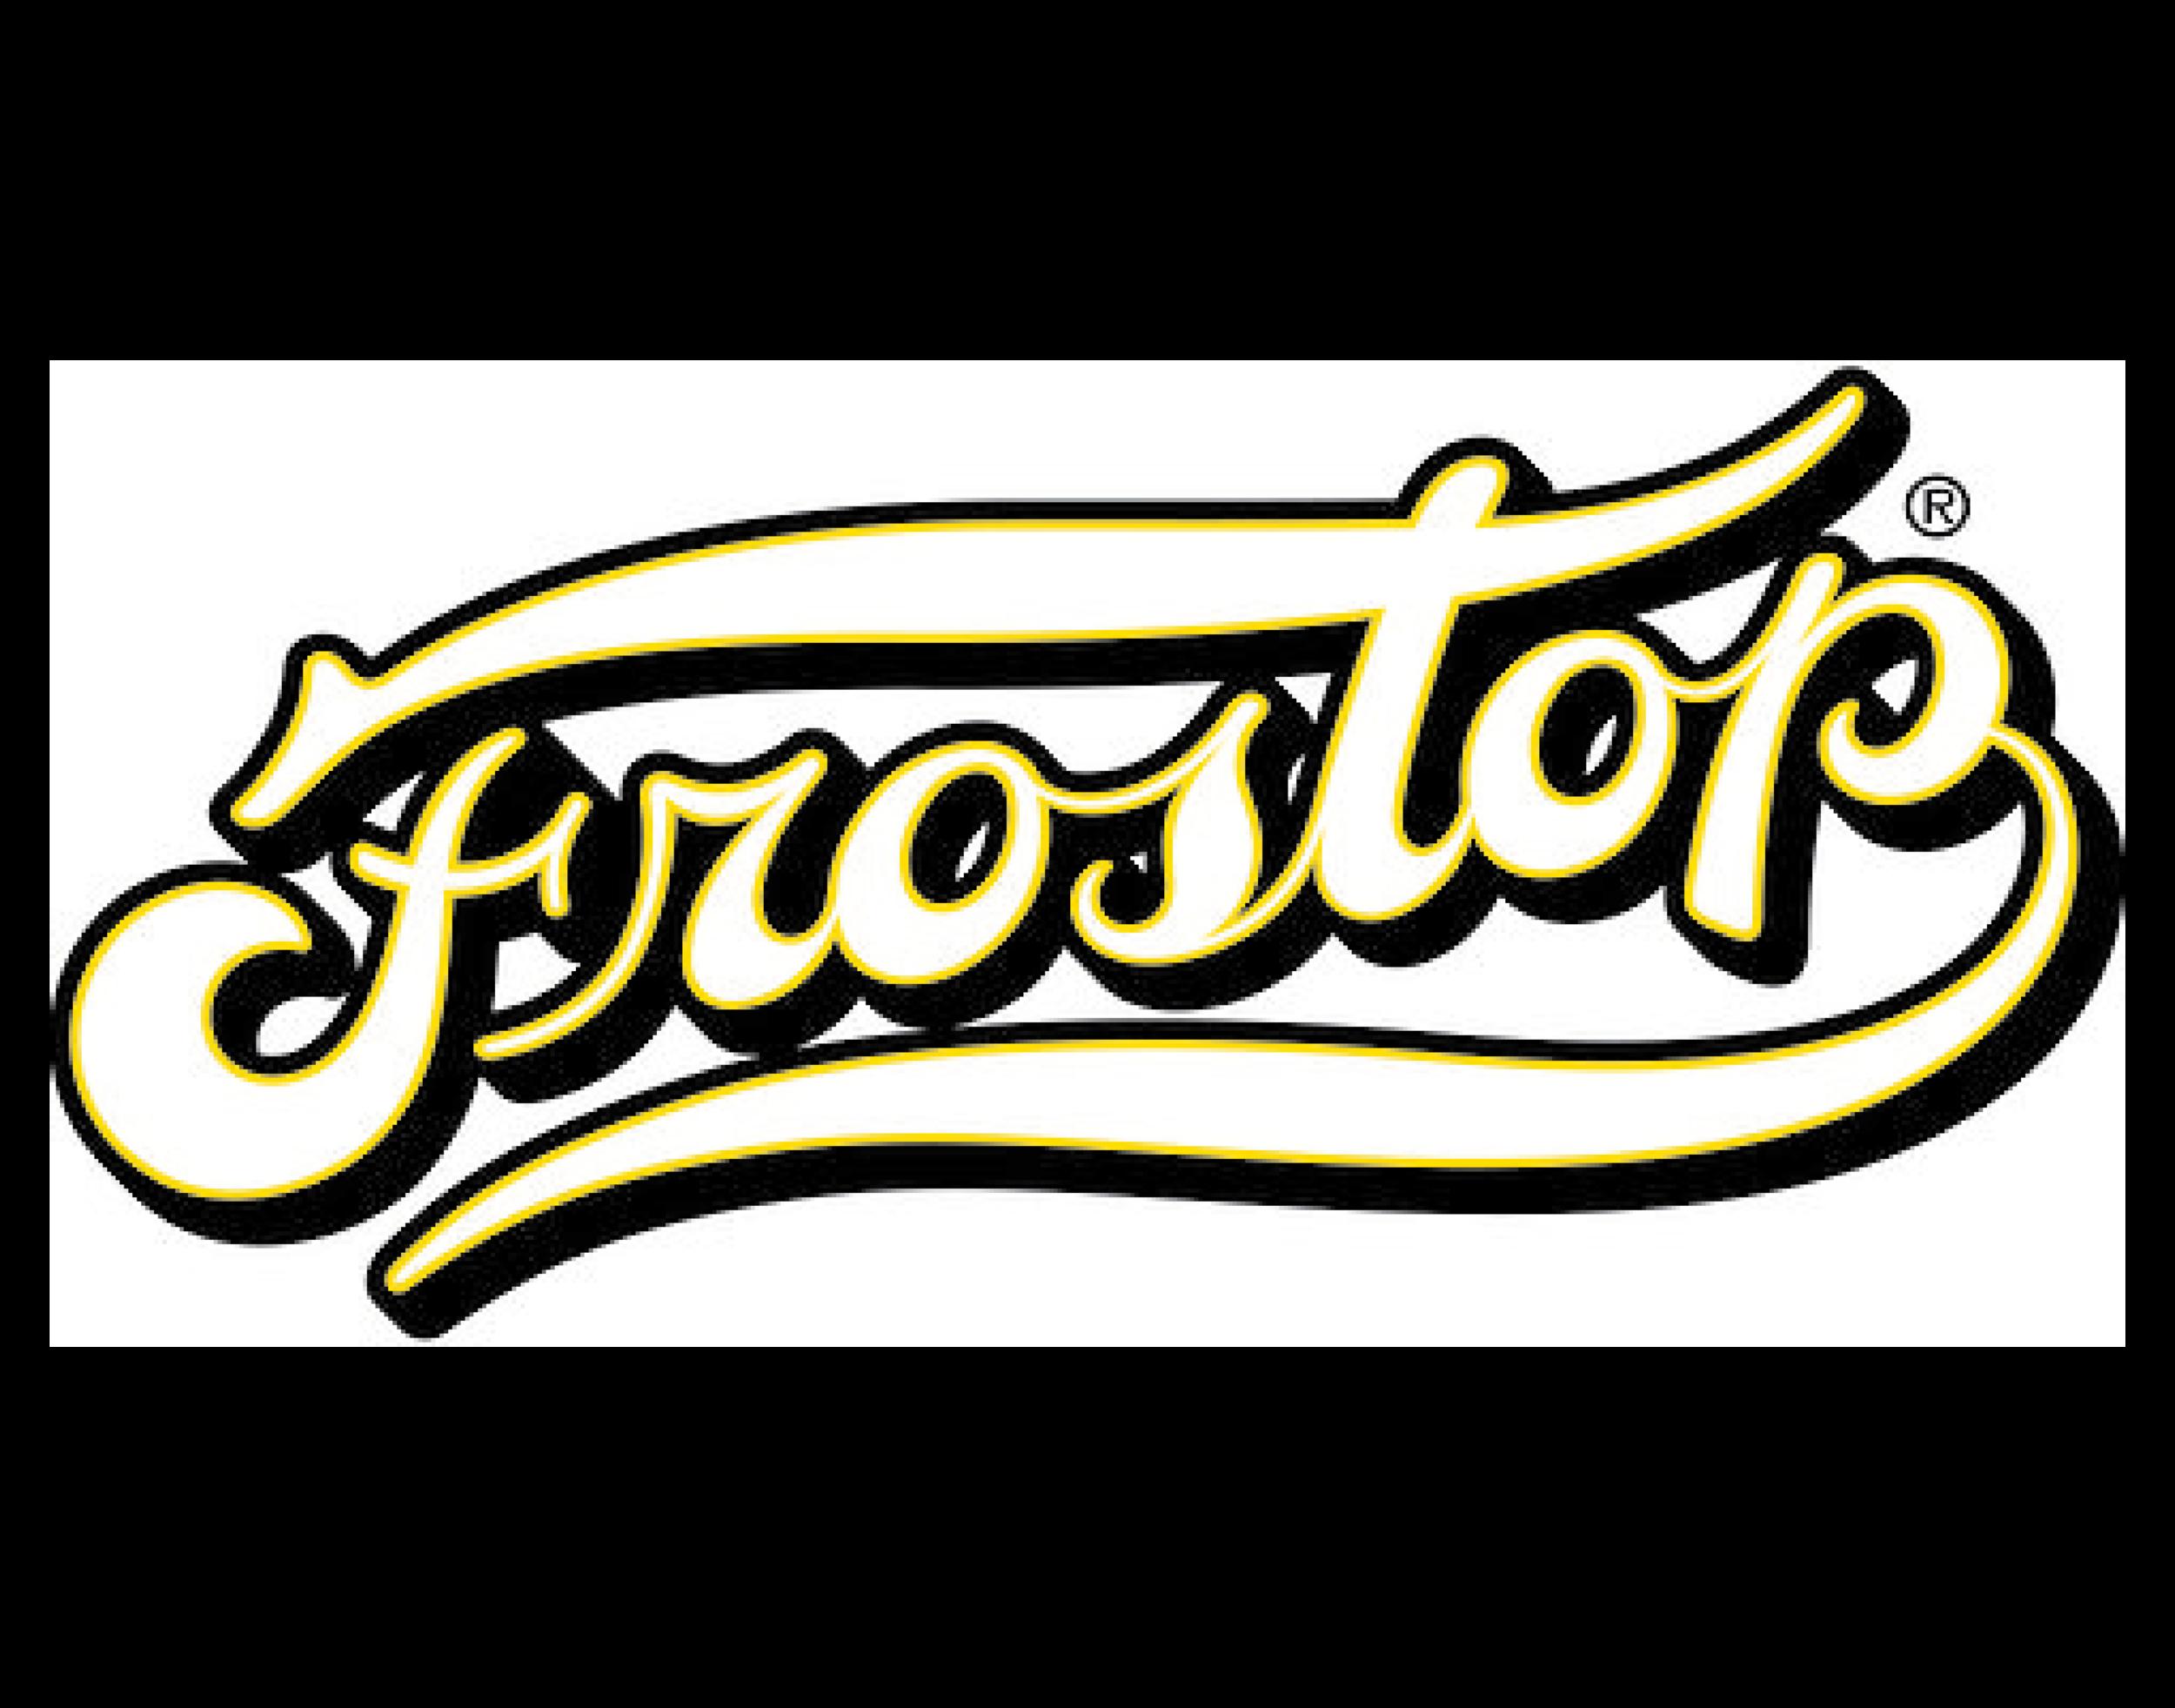 Frostop logo. Links to Frostop website.